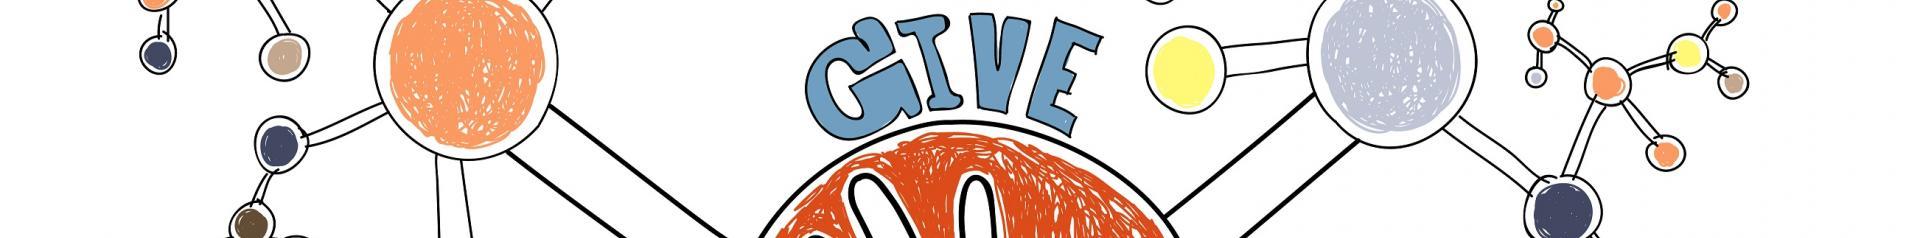 Imagen de Donaciones diseñado por  rawpixel.com / Freepik